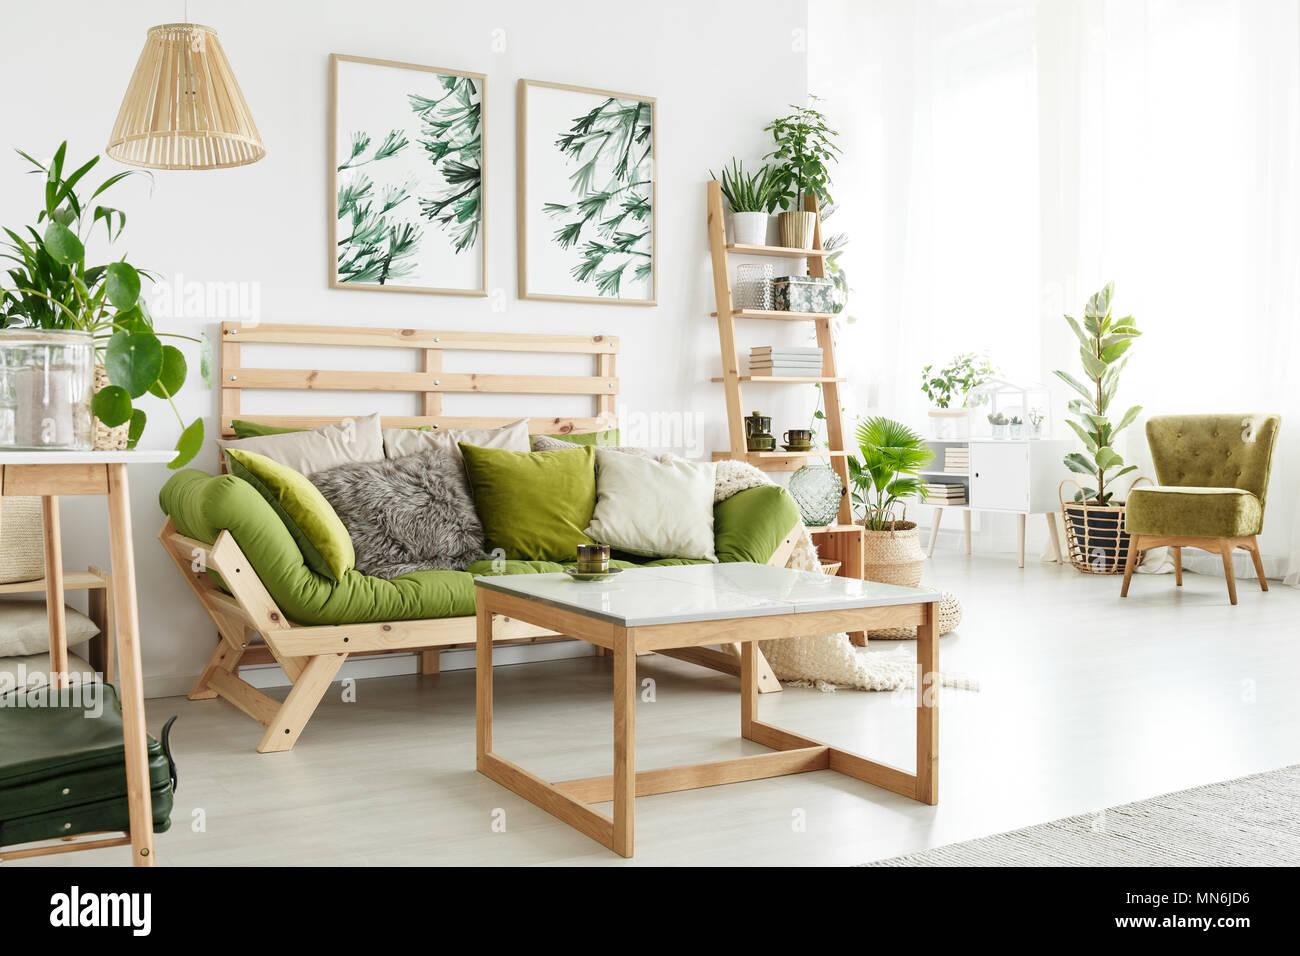 Holz- grüne Sofa mit Kissen gegen eine Wand mit Blättern ...